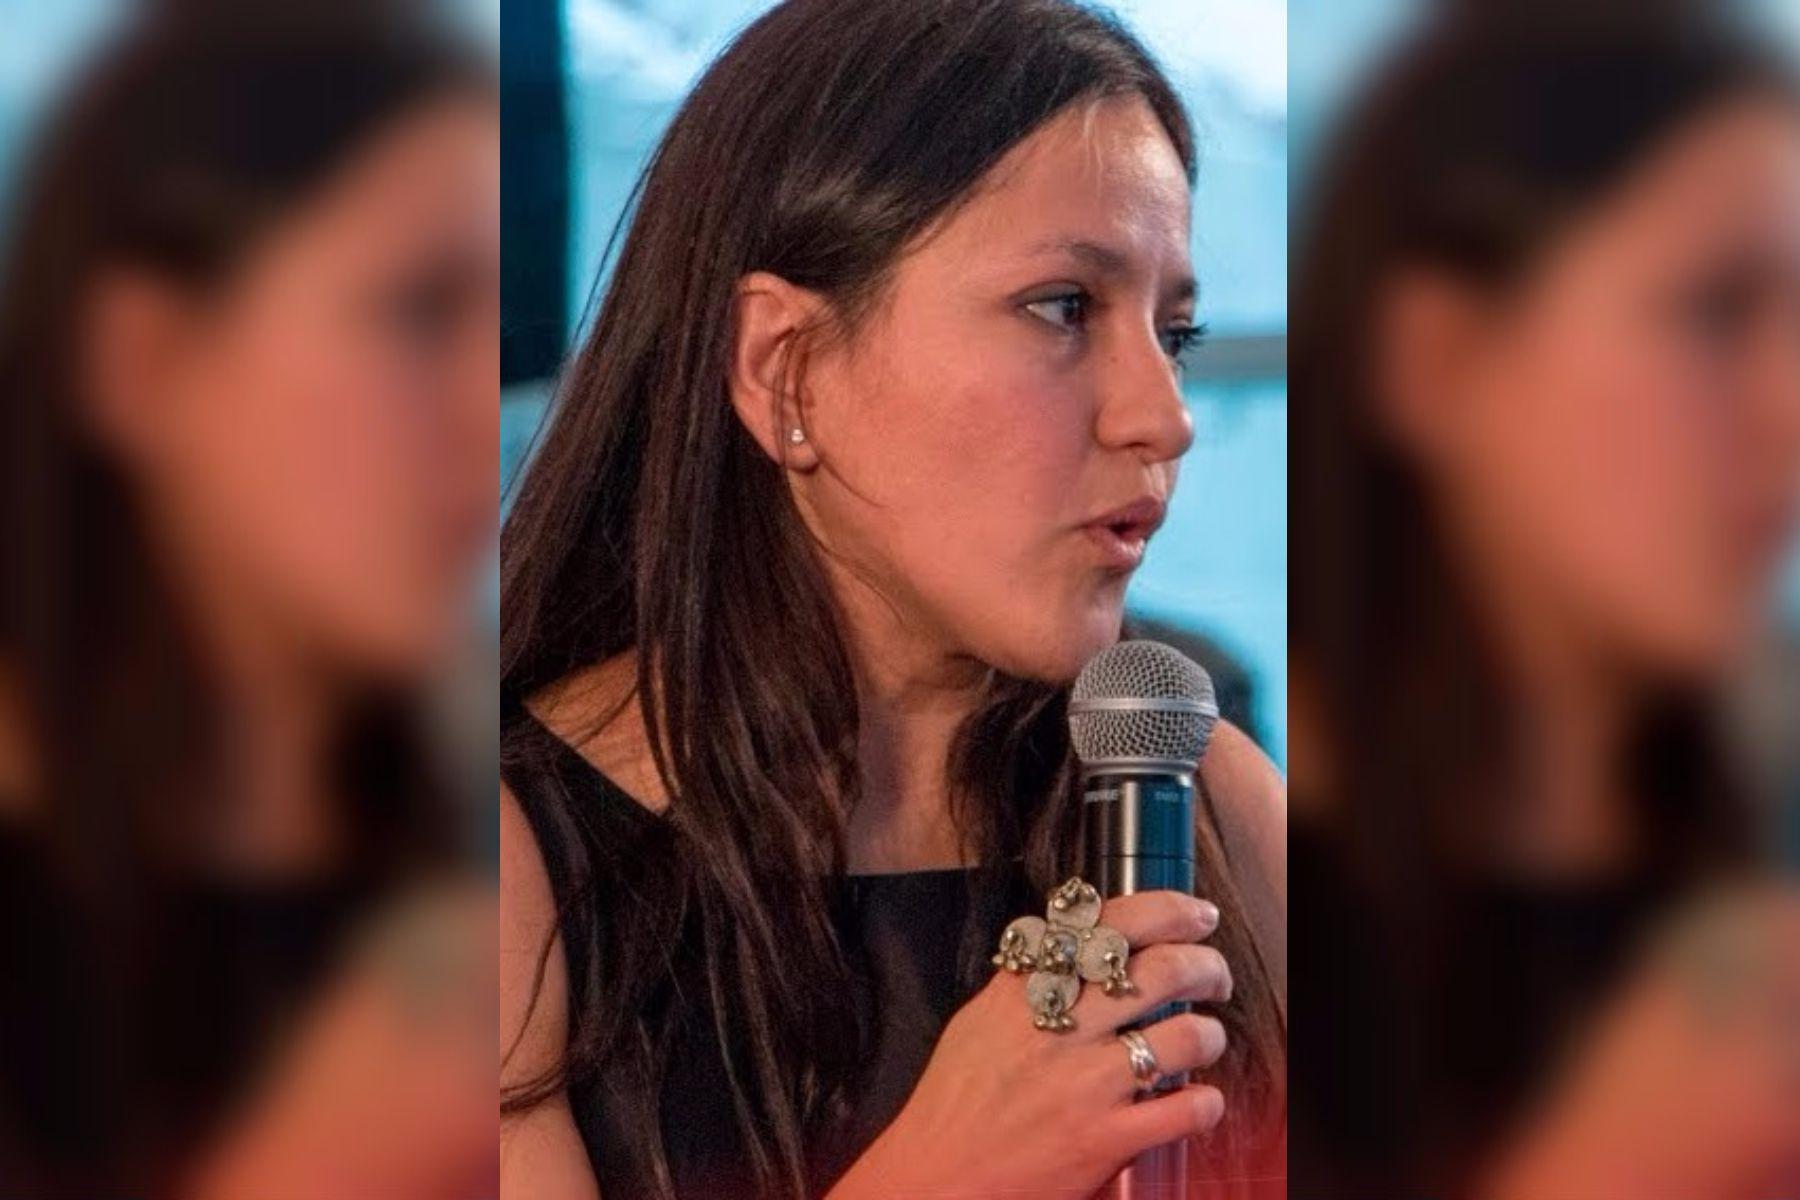 La Fiscal federalPaloma Ochoapidió que se investigue a la diputada nacional Graciela Ocaña.